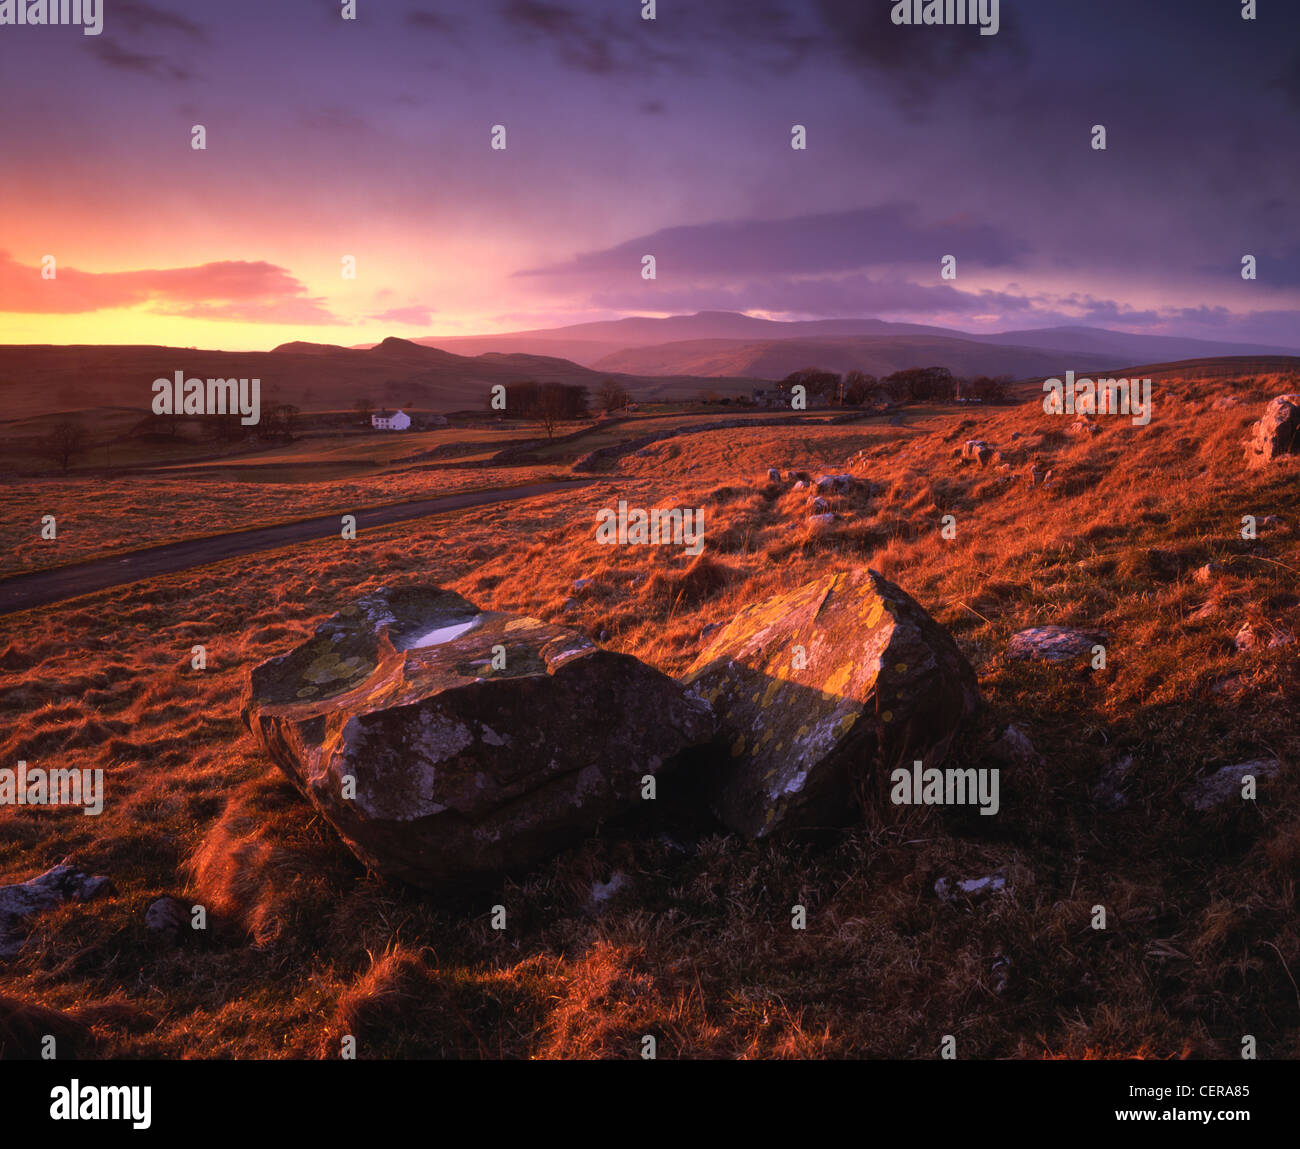 La vista hacia la granja de Winskill Winskill piedras cerca de asentarse en el Parque Nacional de Yorkshire Dales. Foto de stock